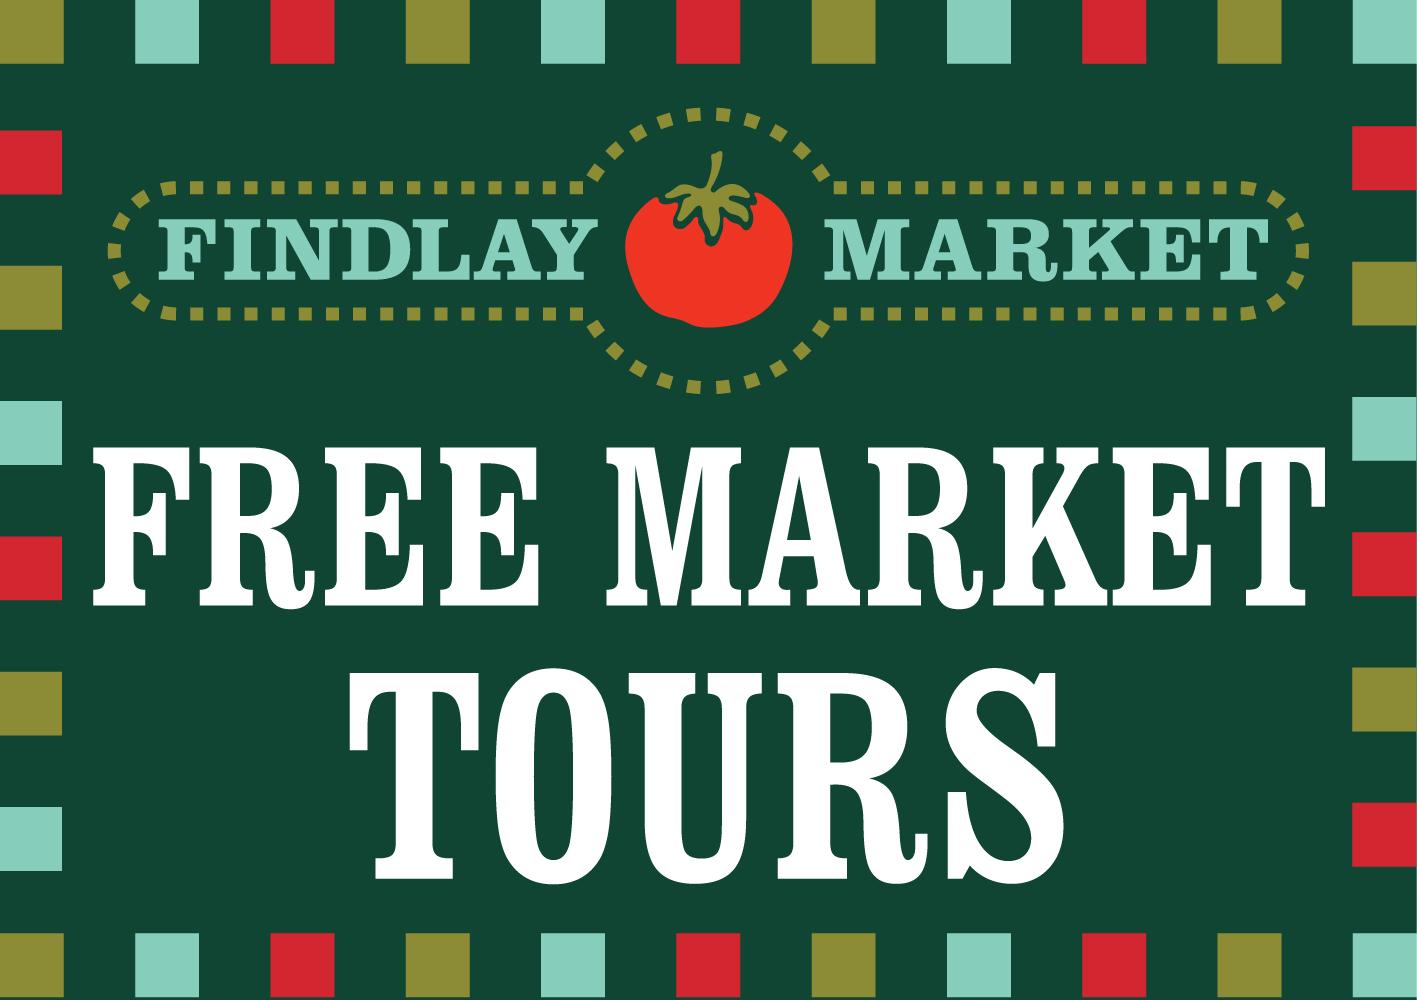 Market tours webslider 01